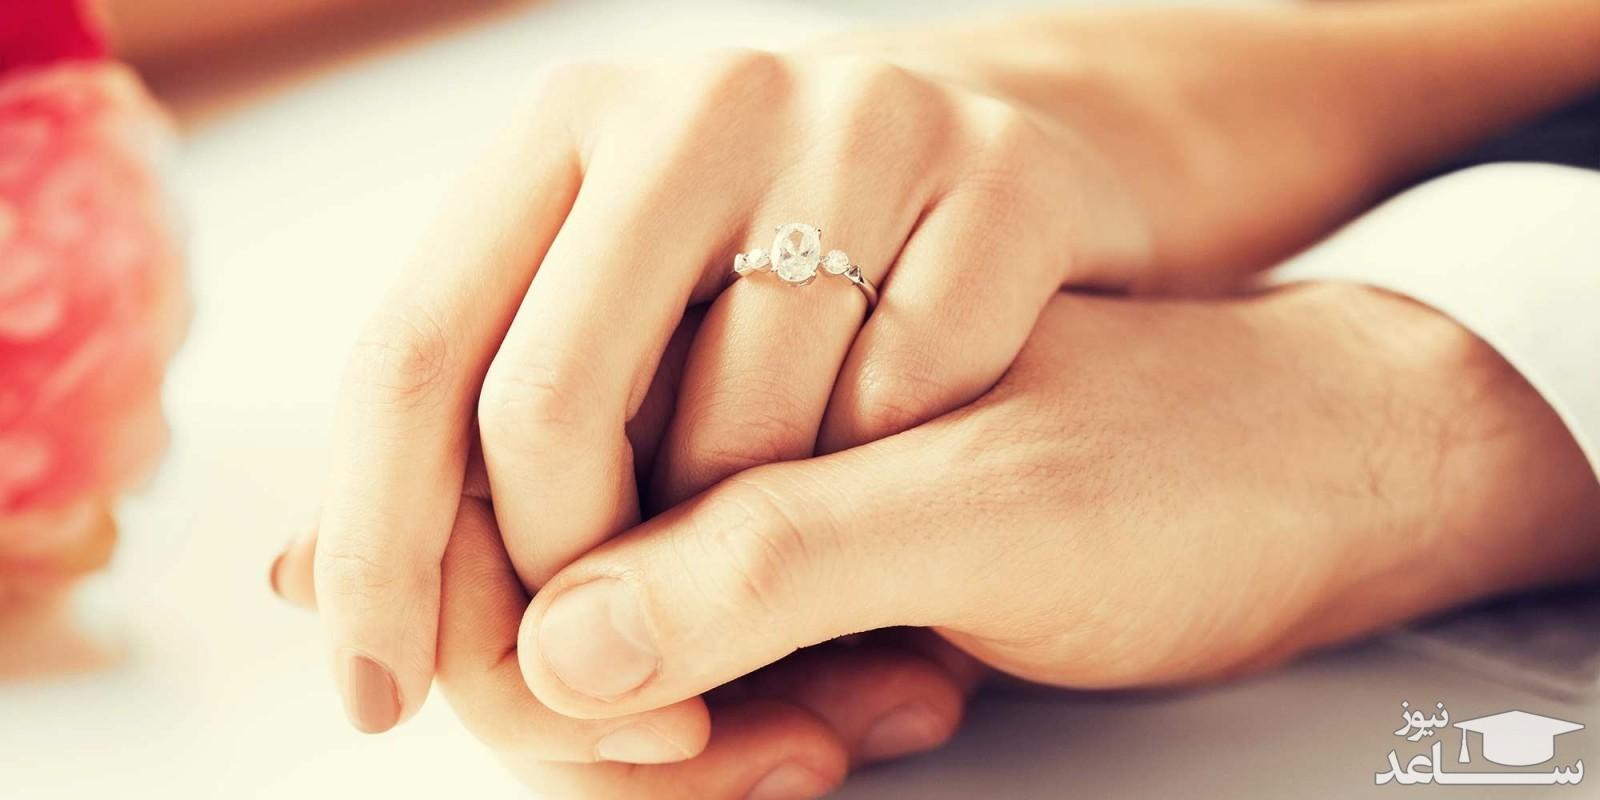 در دوران نامزدی تان این رازها را هرگز نگویید!!!!